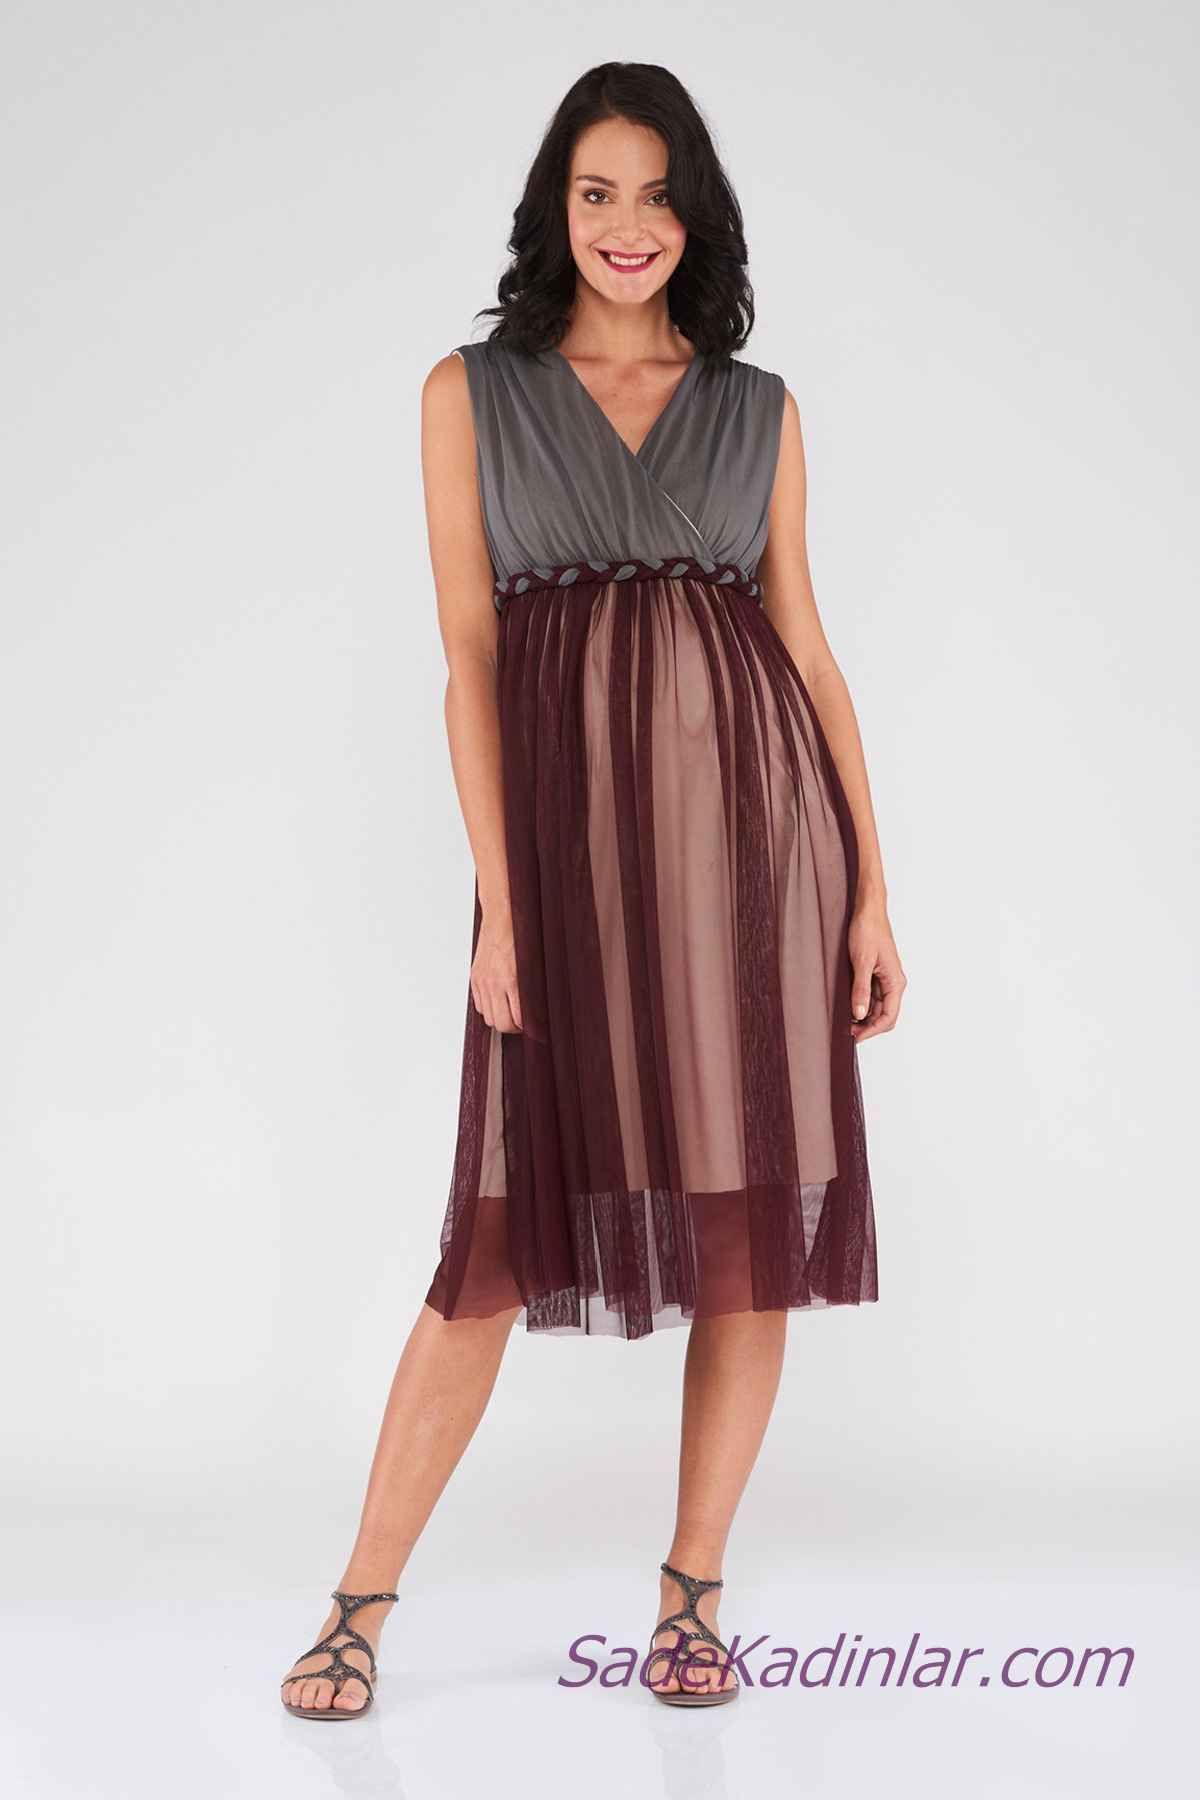 Hamile Abiye Elbise Modelleri Bordo Gri Iki Renkli V Yakali Kolsuz Tul Etekli Elbise Modelleri Elbise Moda Stilleri